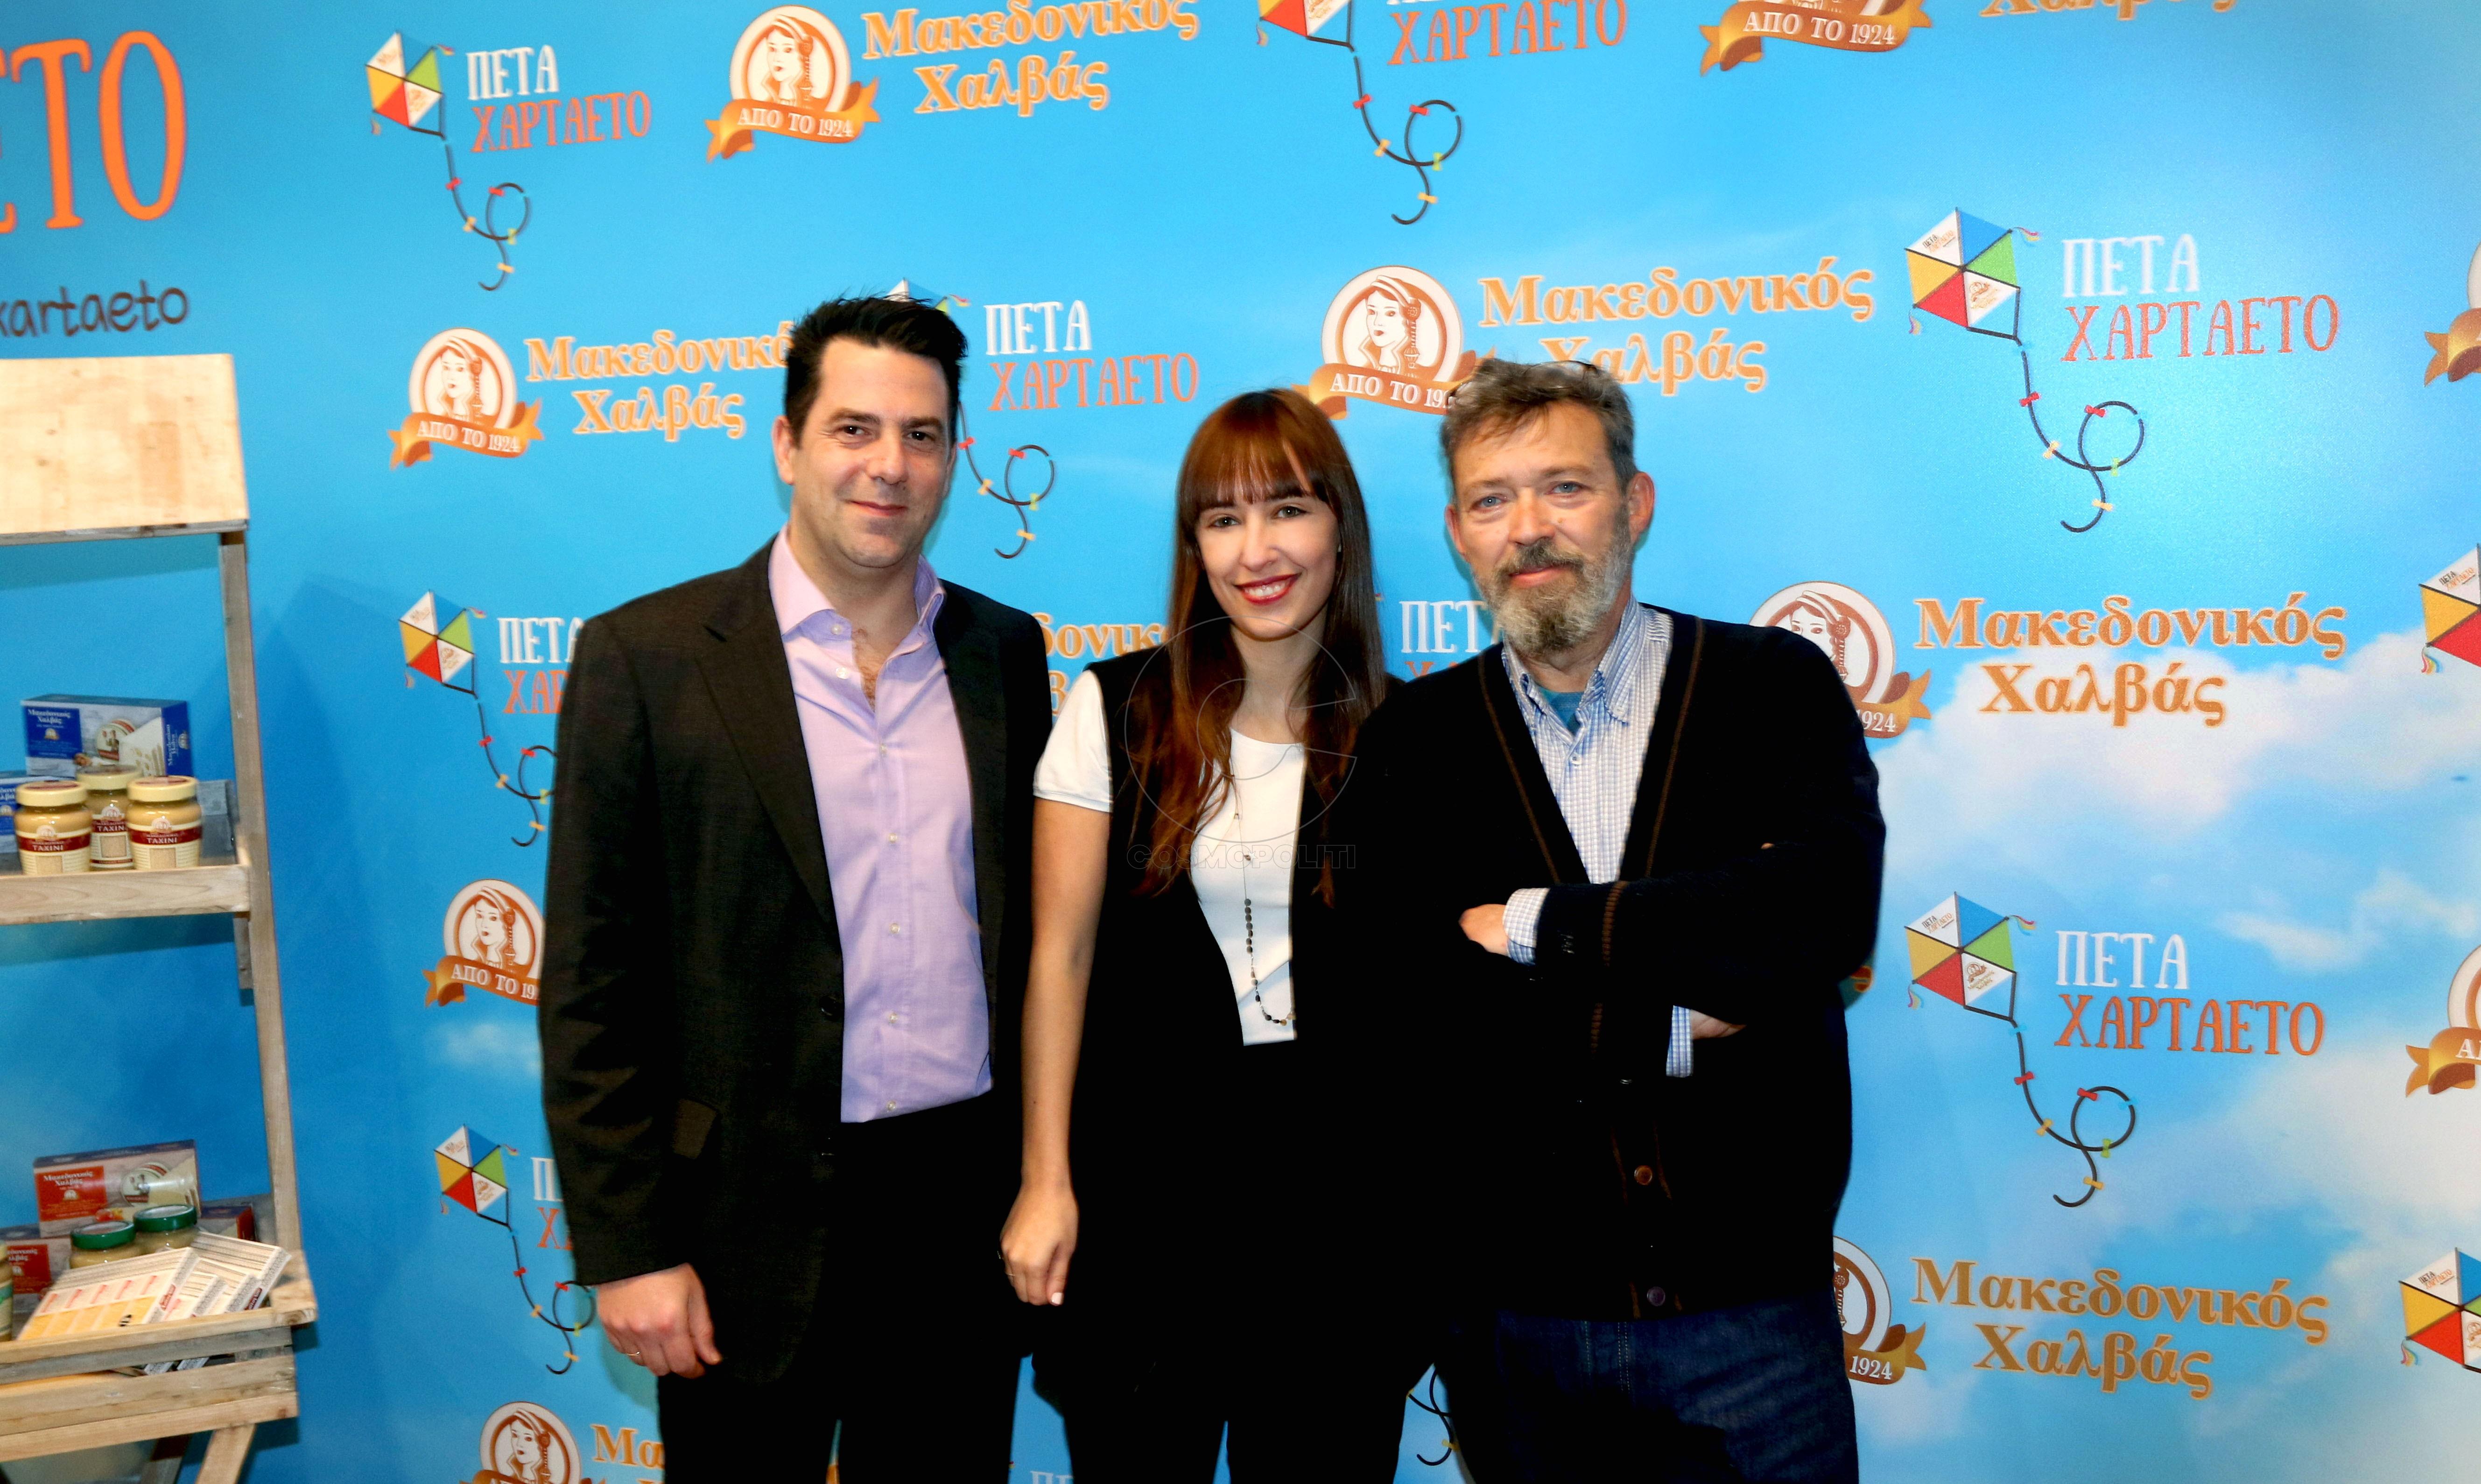 Ο διατροφολόγος Γιάννης Χρύσου, Κατερίνα Μακρίδου, Communication Manager Μακεδονικού Χαλβά και ο Σεφ Νίκος Κατσάνης